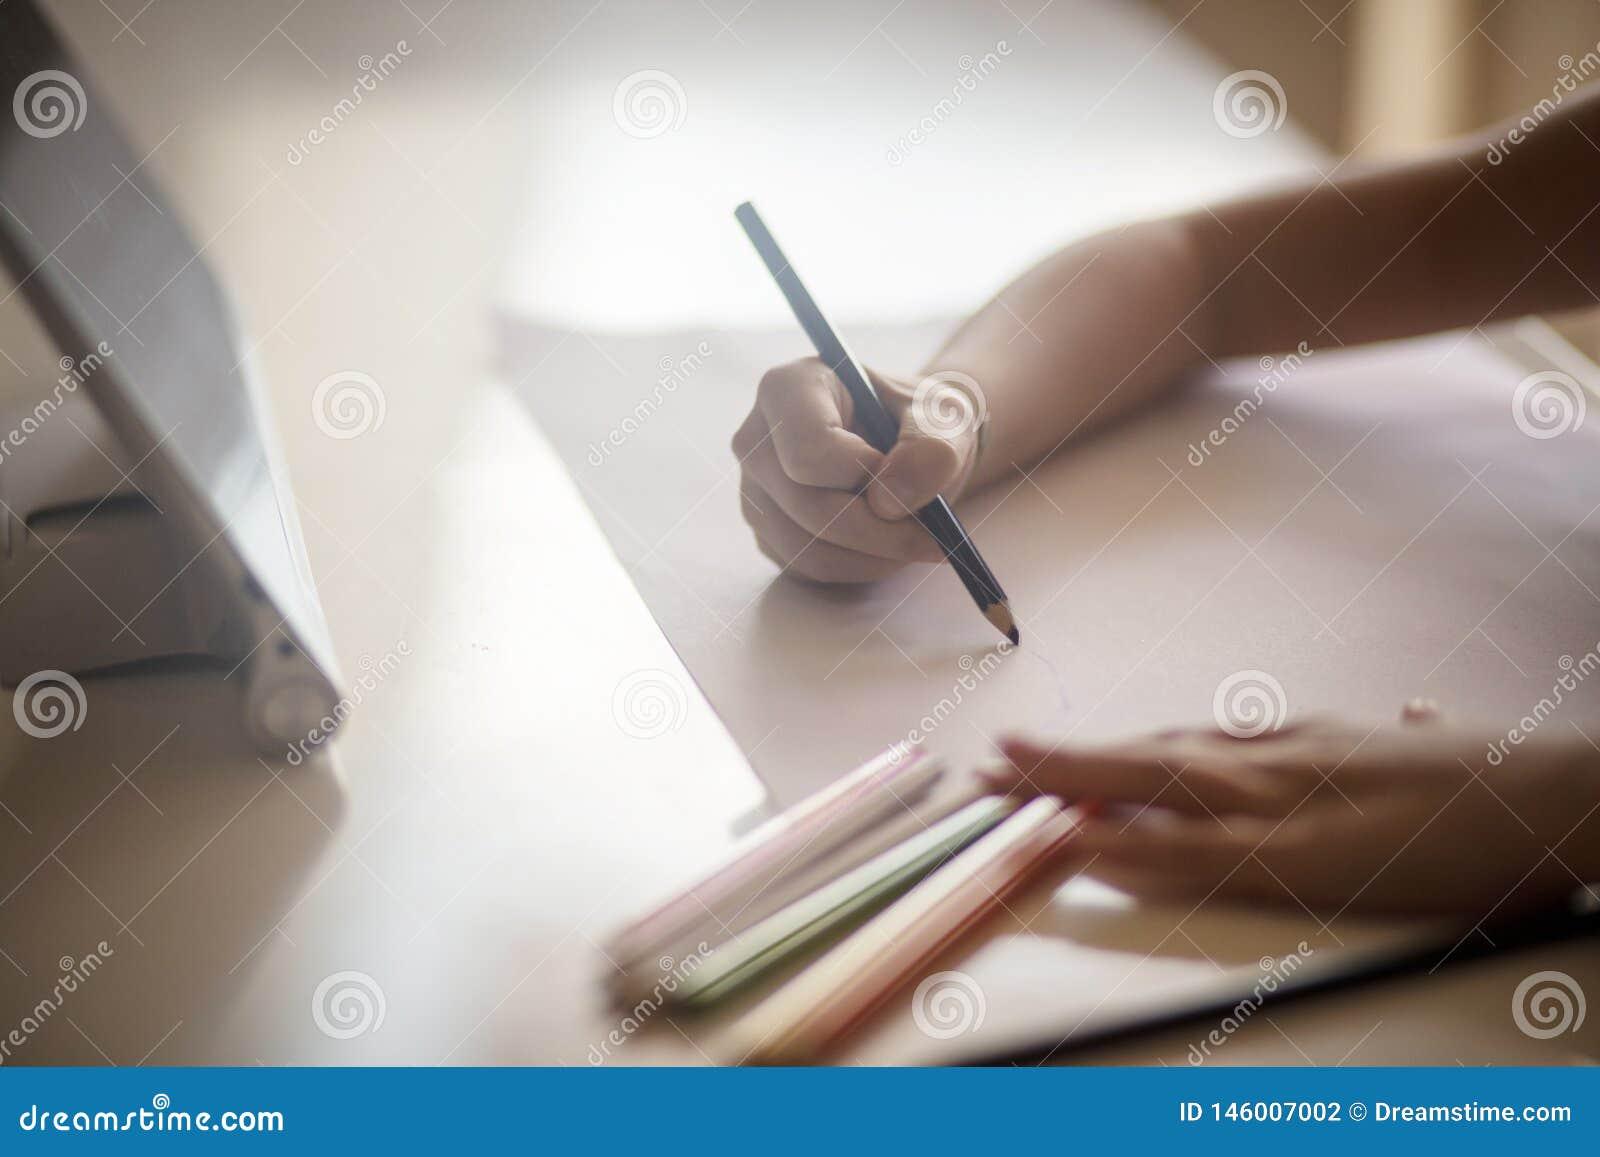 Ama disegnare